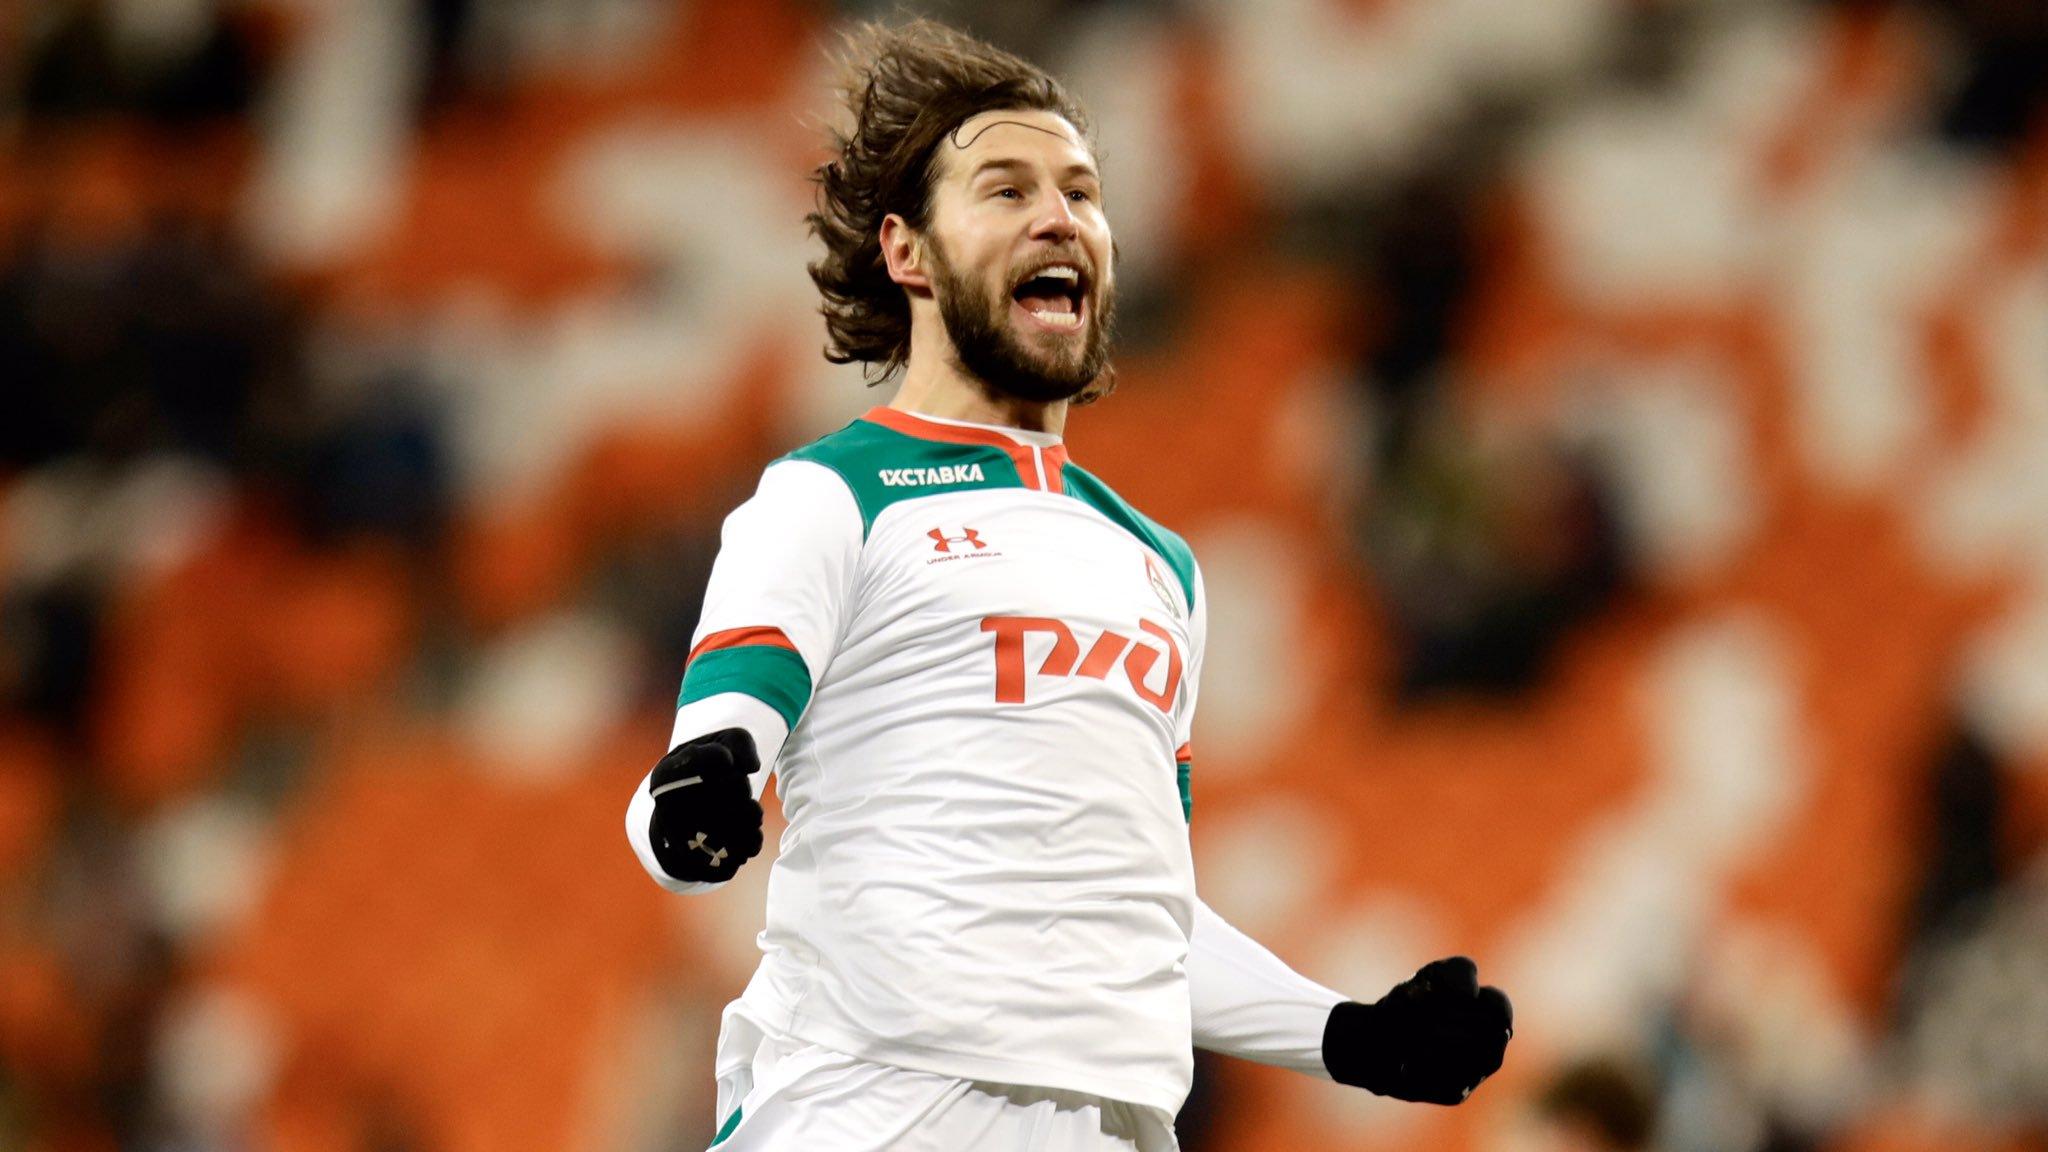 Миранчук пропал под новости о «Ювентусе», матч для «Локо» в Саранске затащил Крыховяк - фото